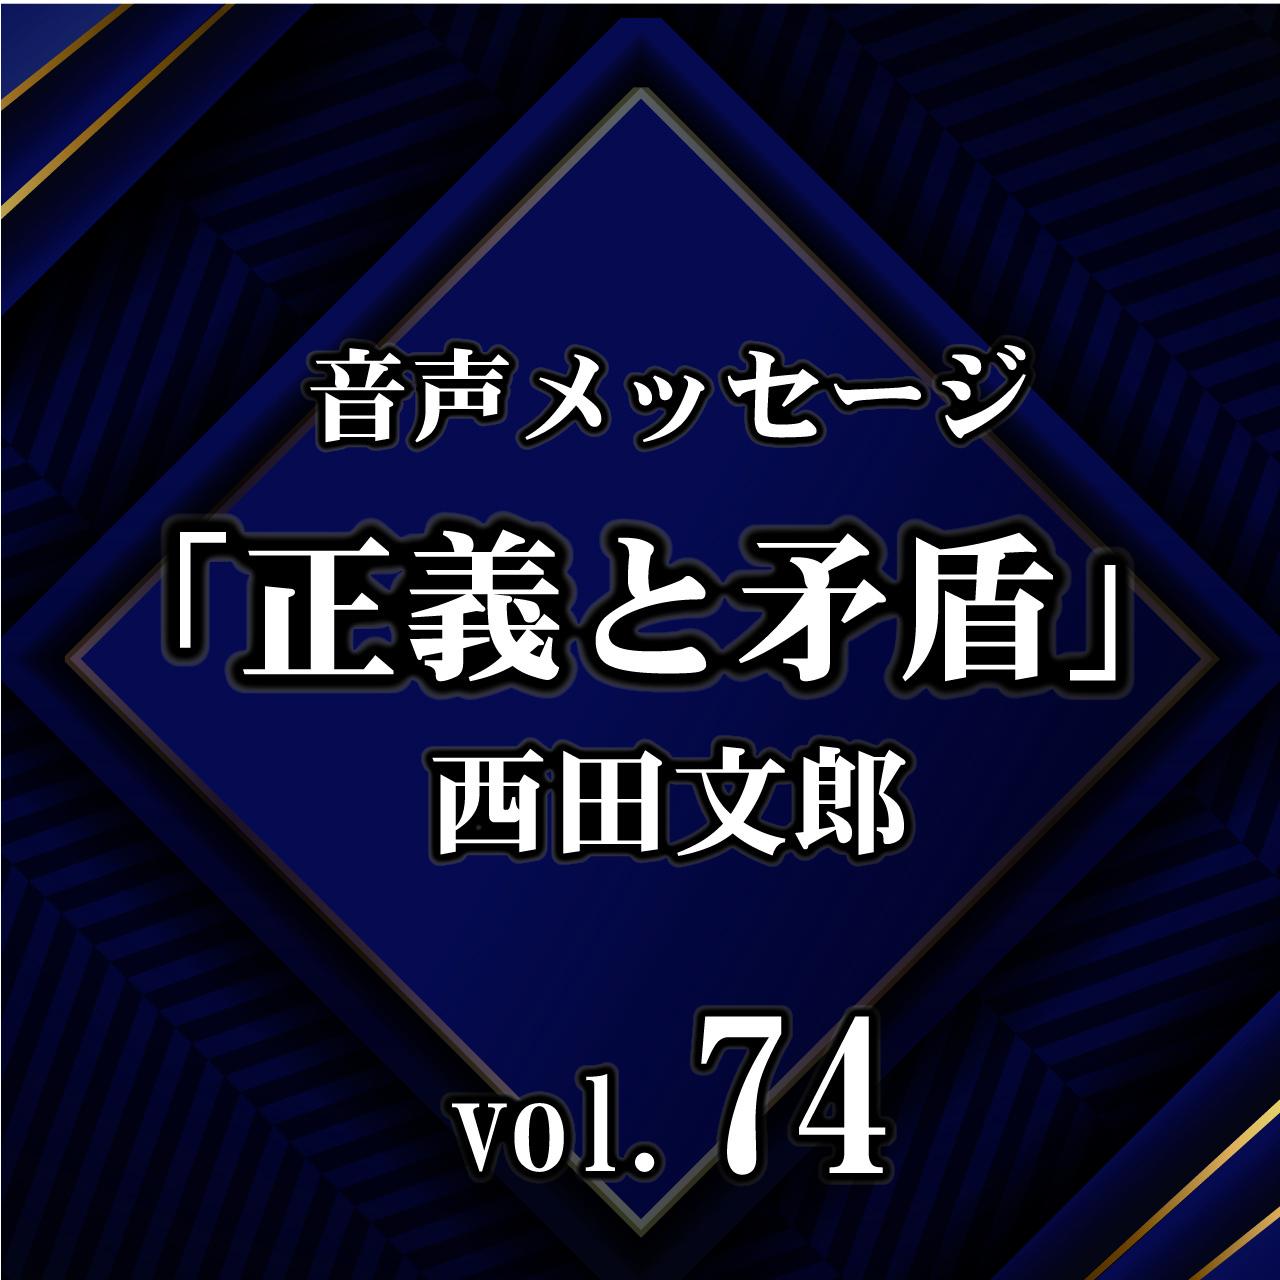 西田文郎 音声メッセージvol.74『正義と矛盾』